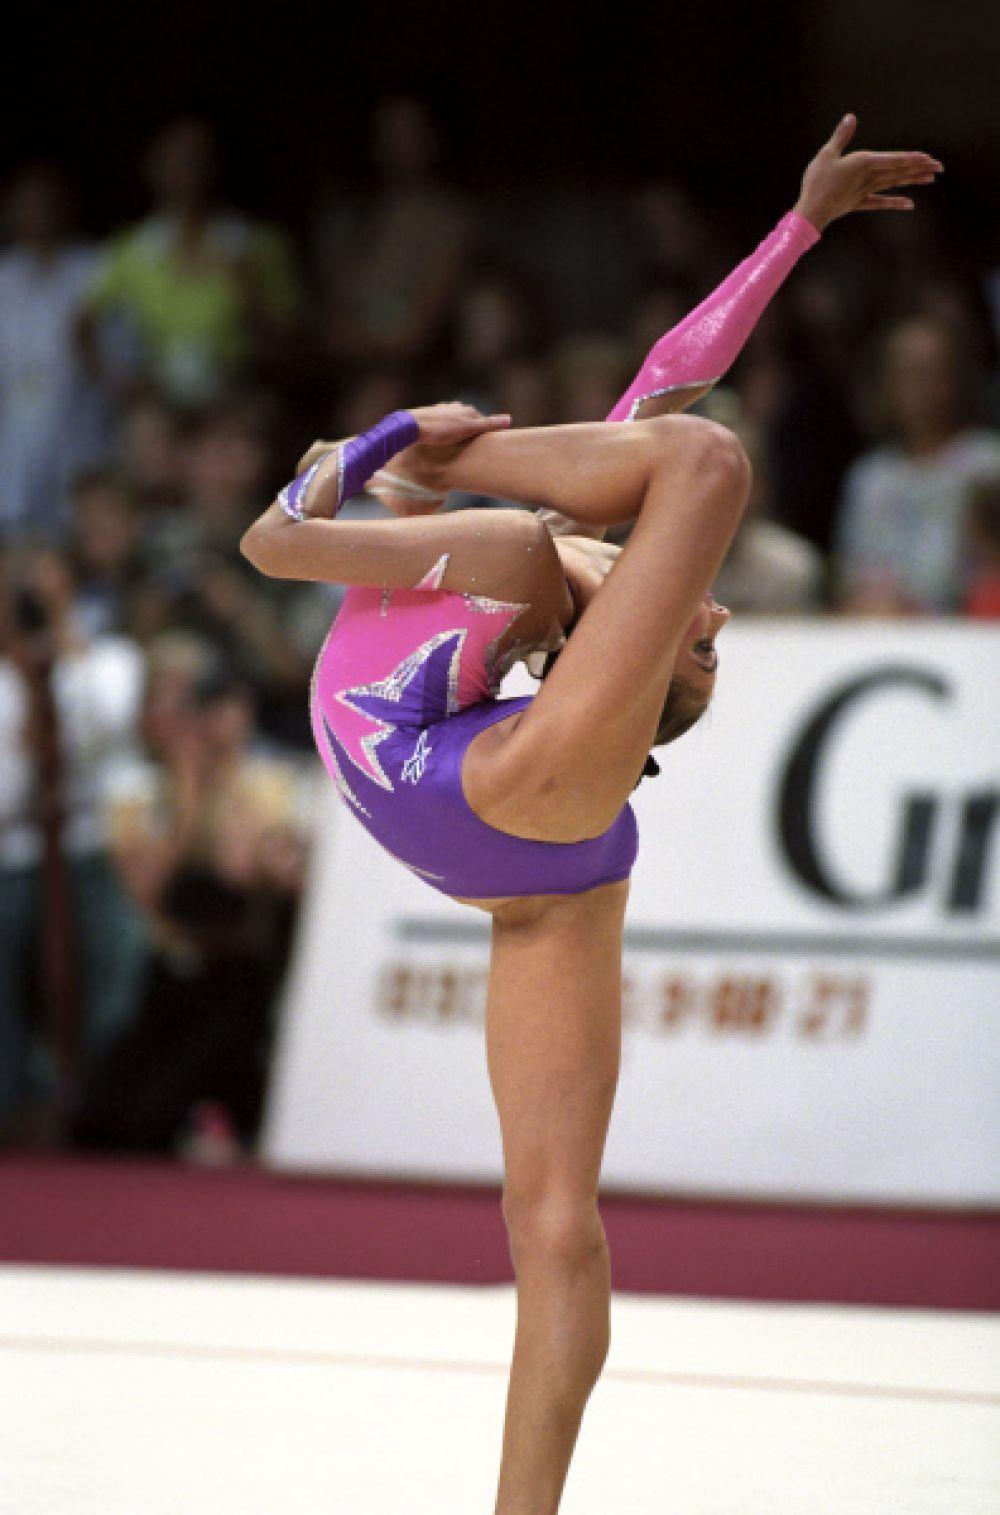 В 15 лет Алина Кабаева выиграла чемпионат Европы (1998 года). Впоследствии Алина Кабаева еще 4 раза становилась чемпионкой Европы, а в 1999 года победила и на чемпионате мира.